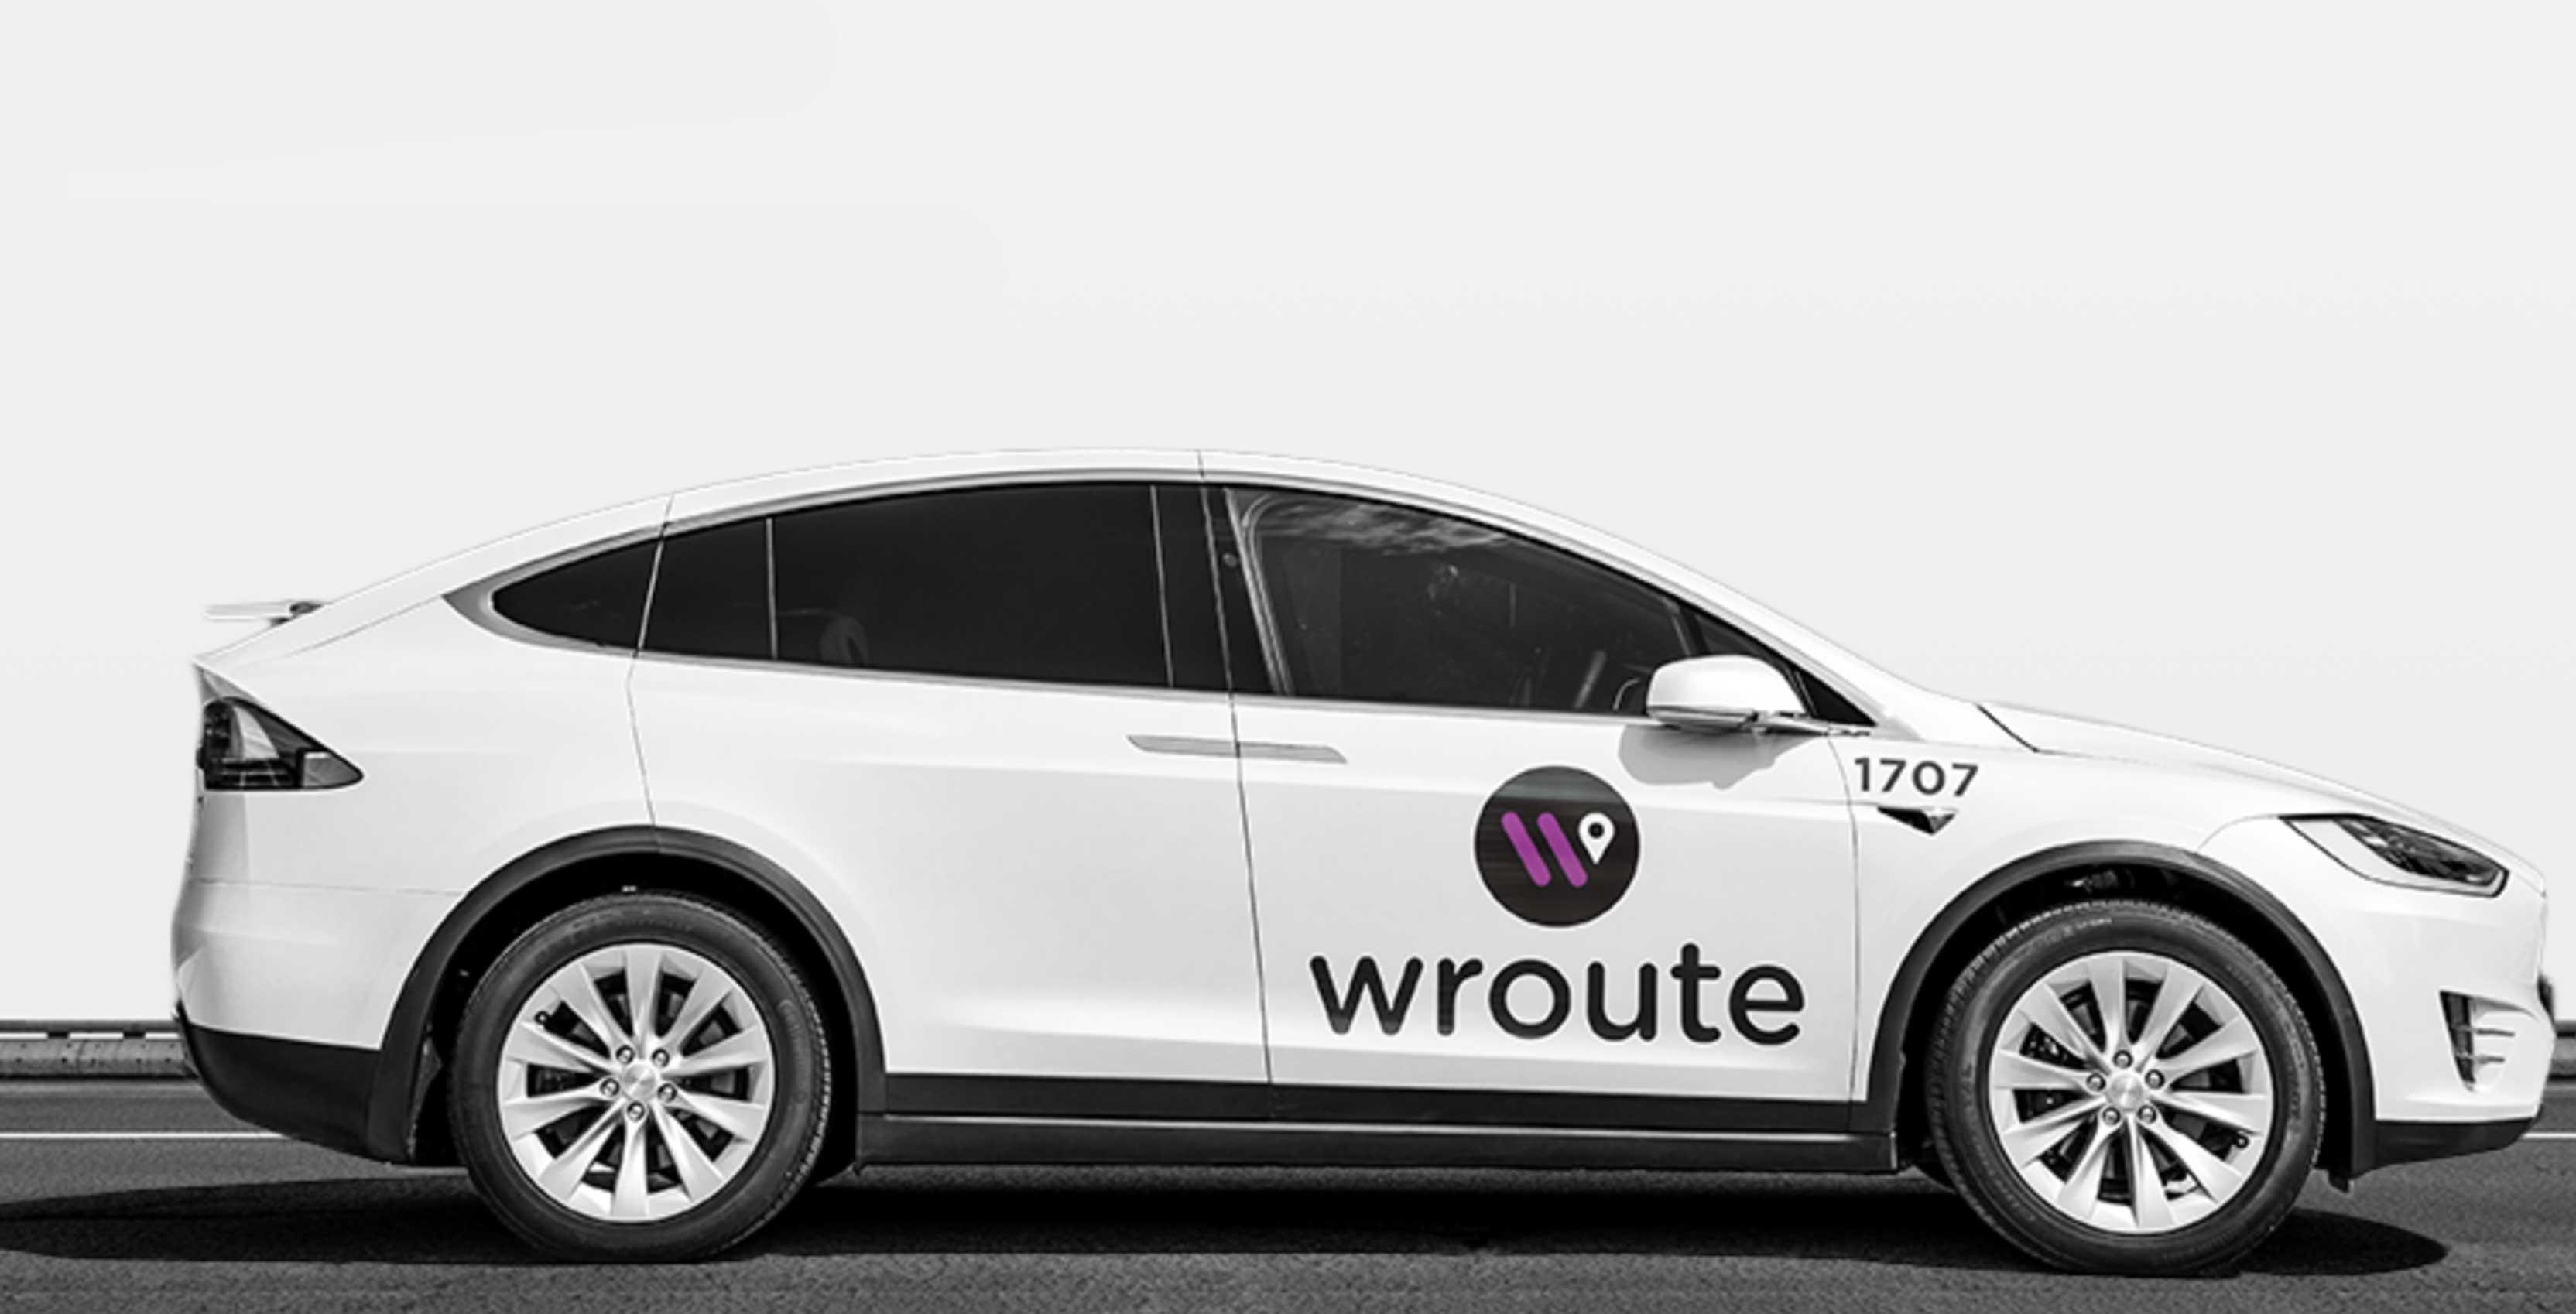 Shuttered Canadian Tesla shuttle service Wroute selling its fleet